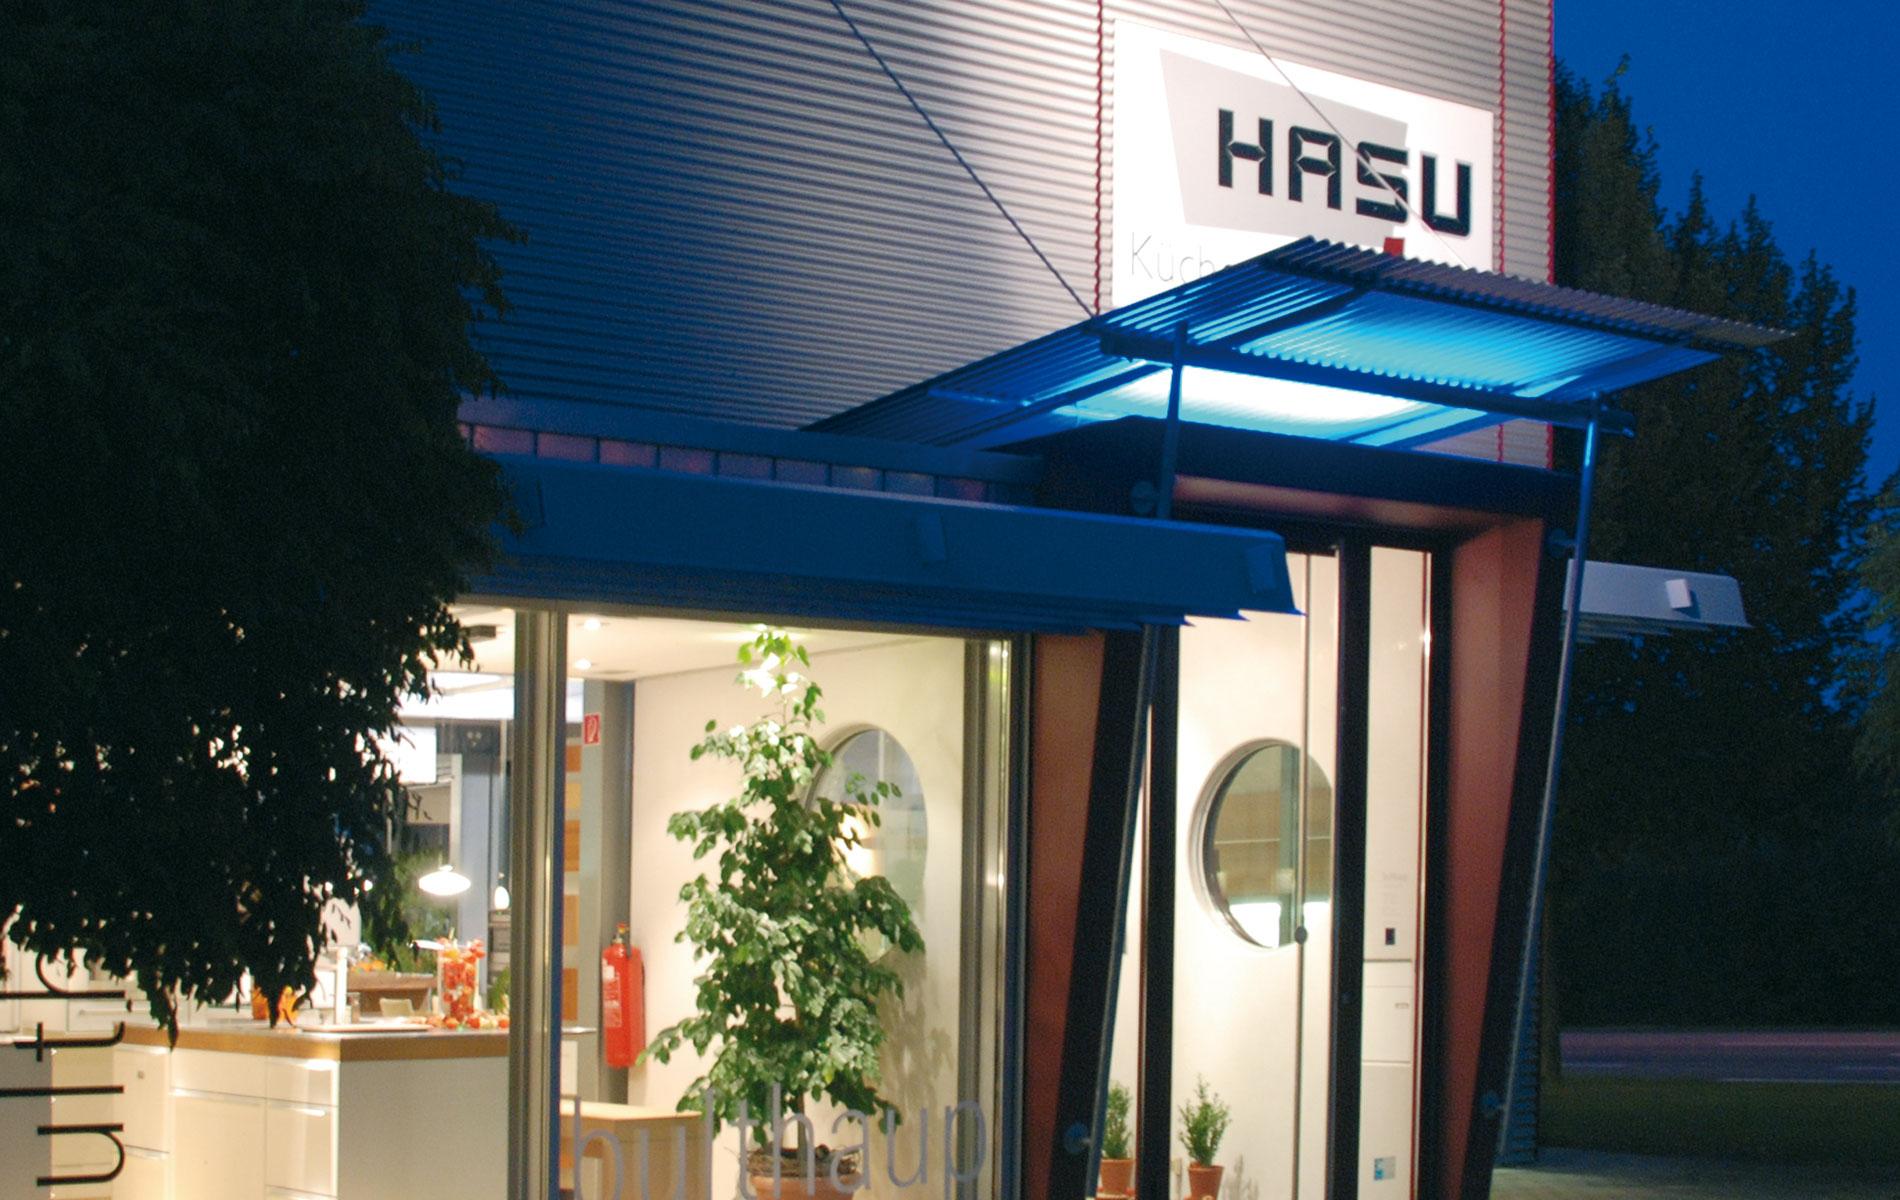 hasu-eingang